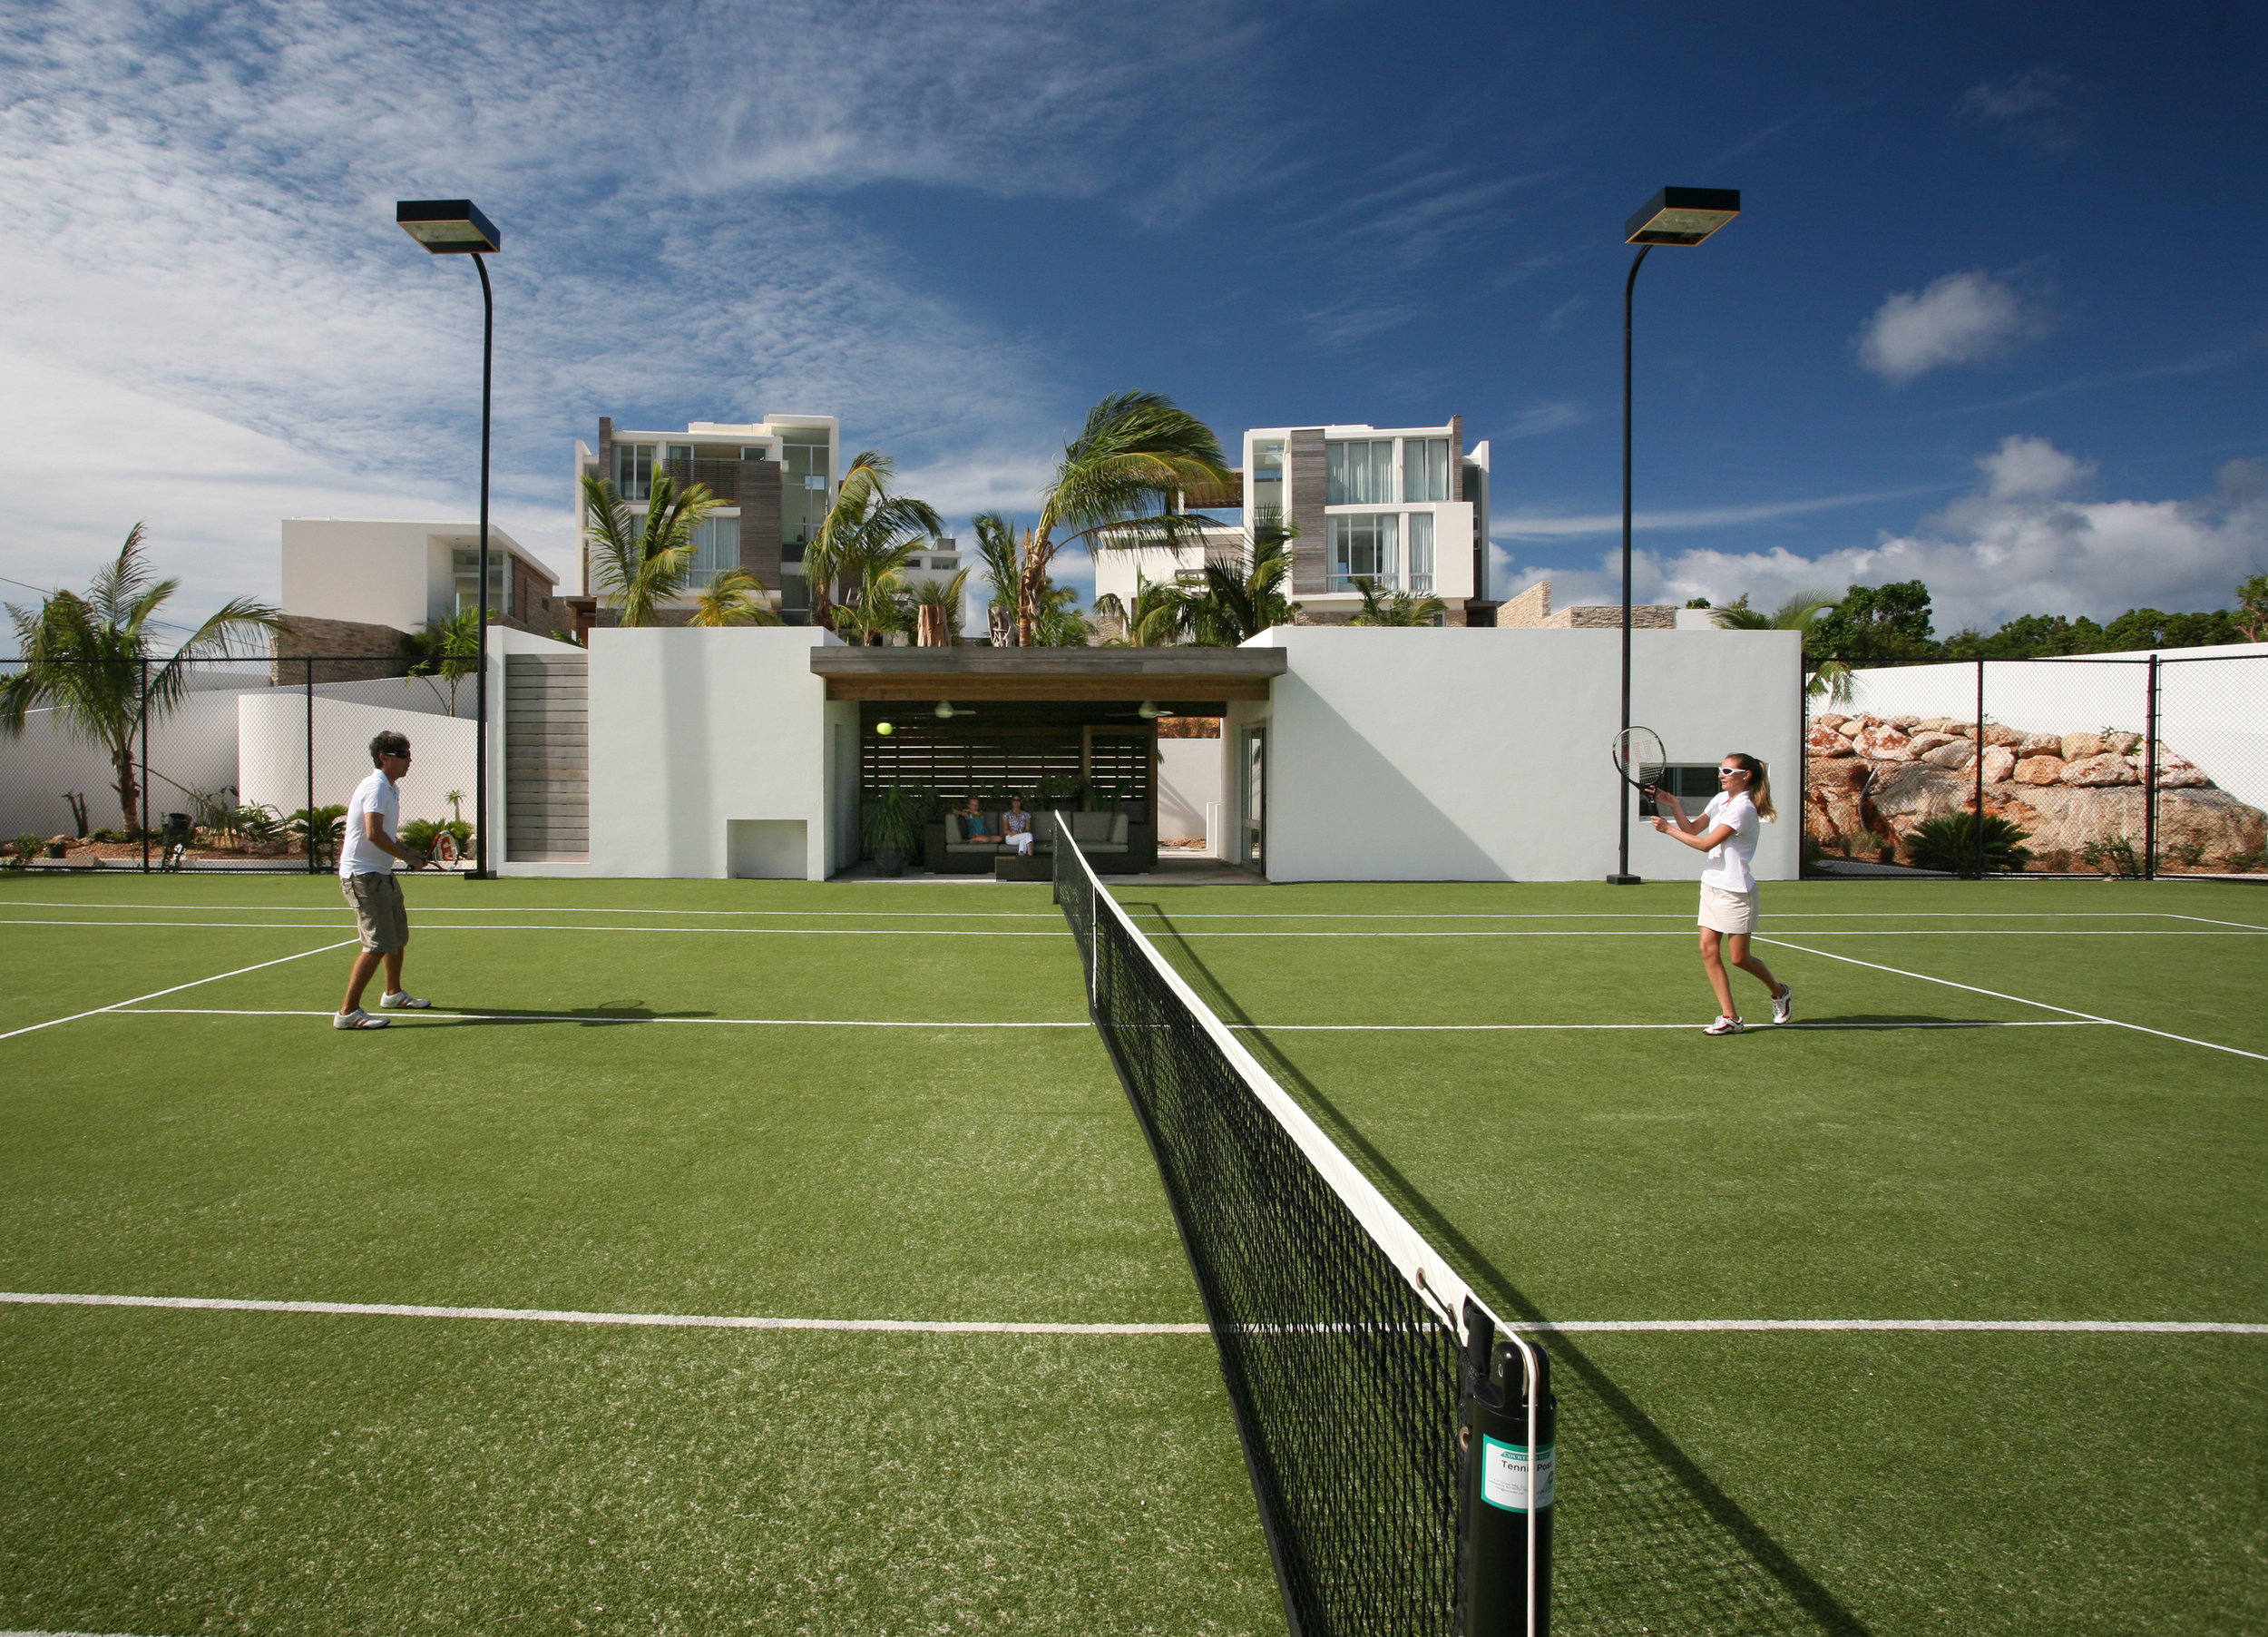 TENNIS COURT & BASKETBALL HOOPS